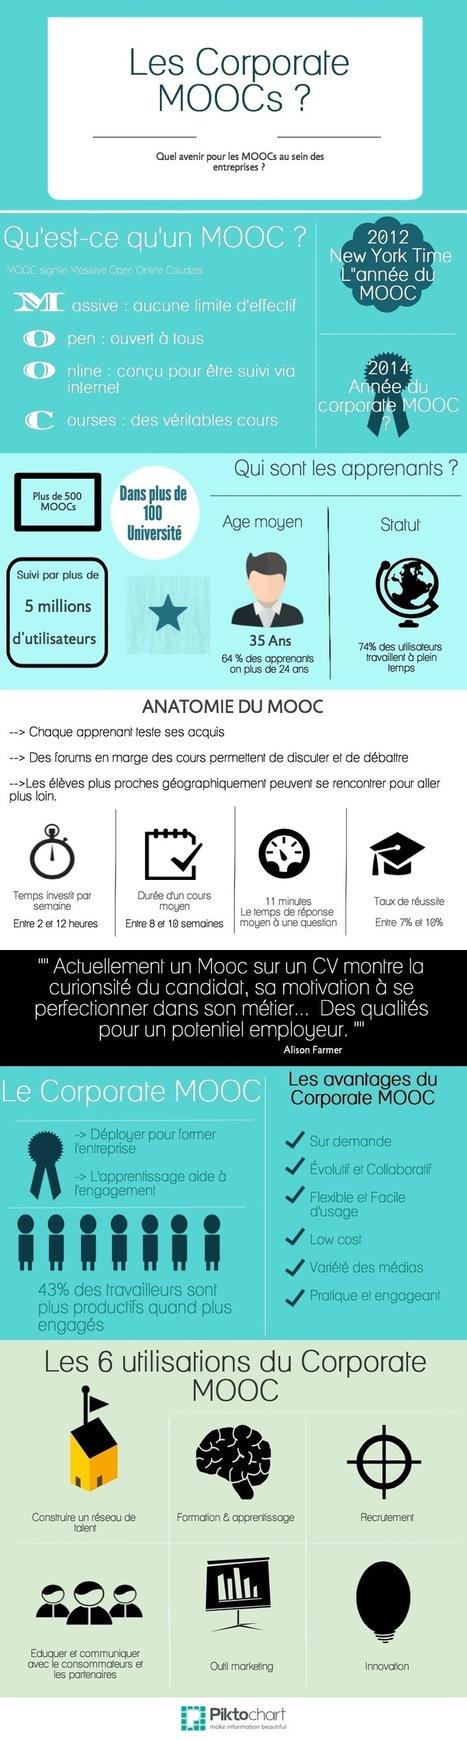 Les Corporate MOOCs: MOOC-moi comment faire | communication | Scoop.it